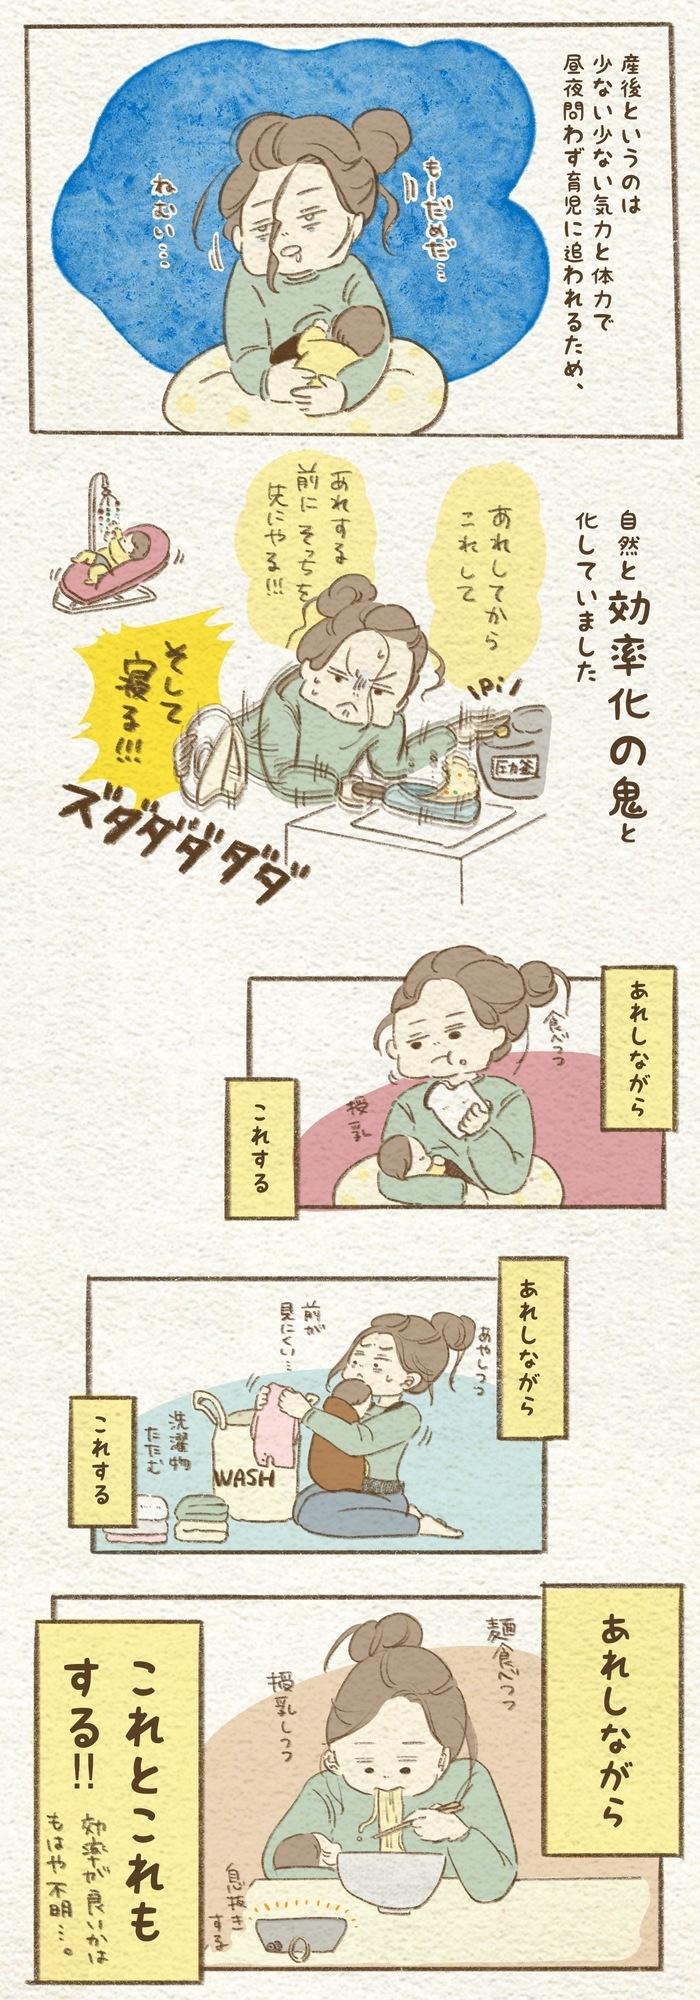 5時起き息子vsまだ寝ていたい母/夫の夢にキュン♡…おすすめ記事4選の画像8